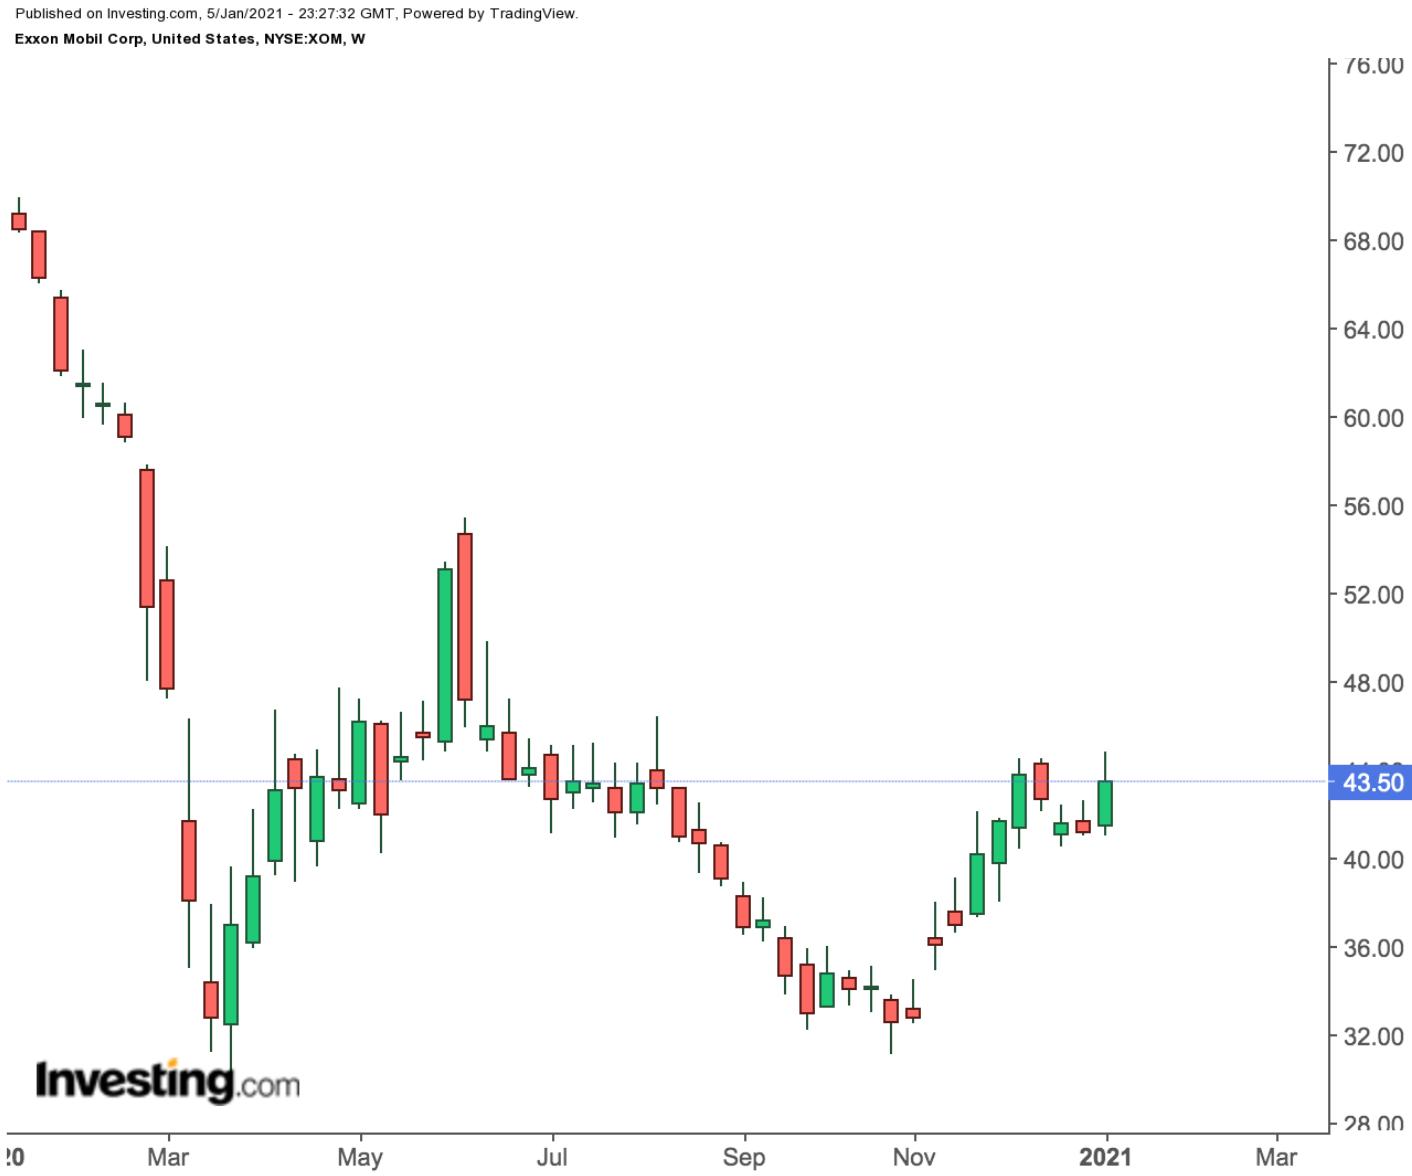 Насколько надежны дивиденды ExxonMobil?